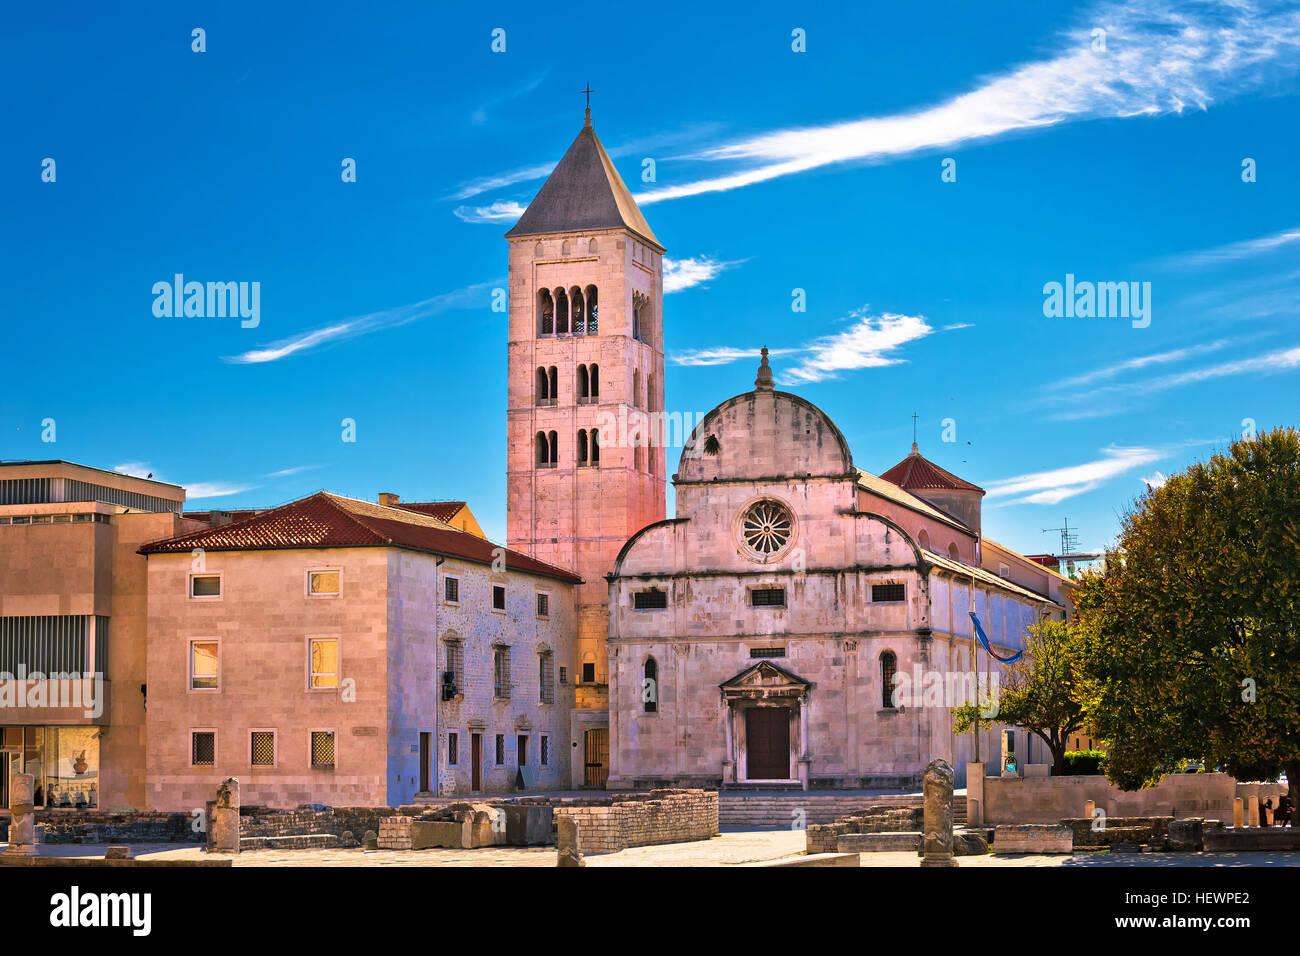 L'église historique de Zadar et artefacts romains sur place vieille, la Dalmatie, Croatie Photo Stock